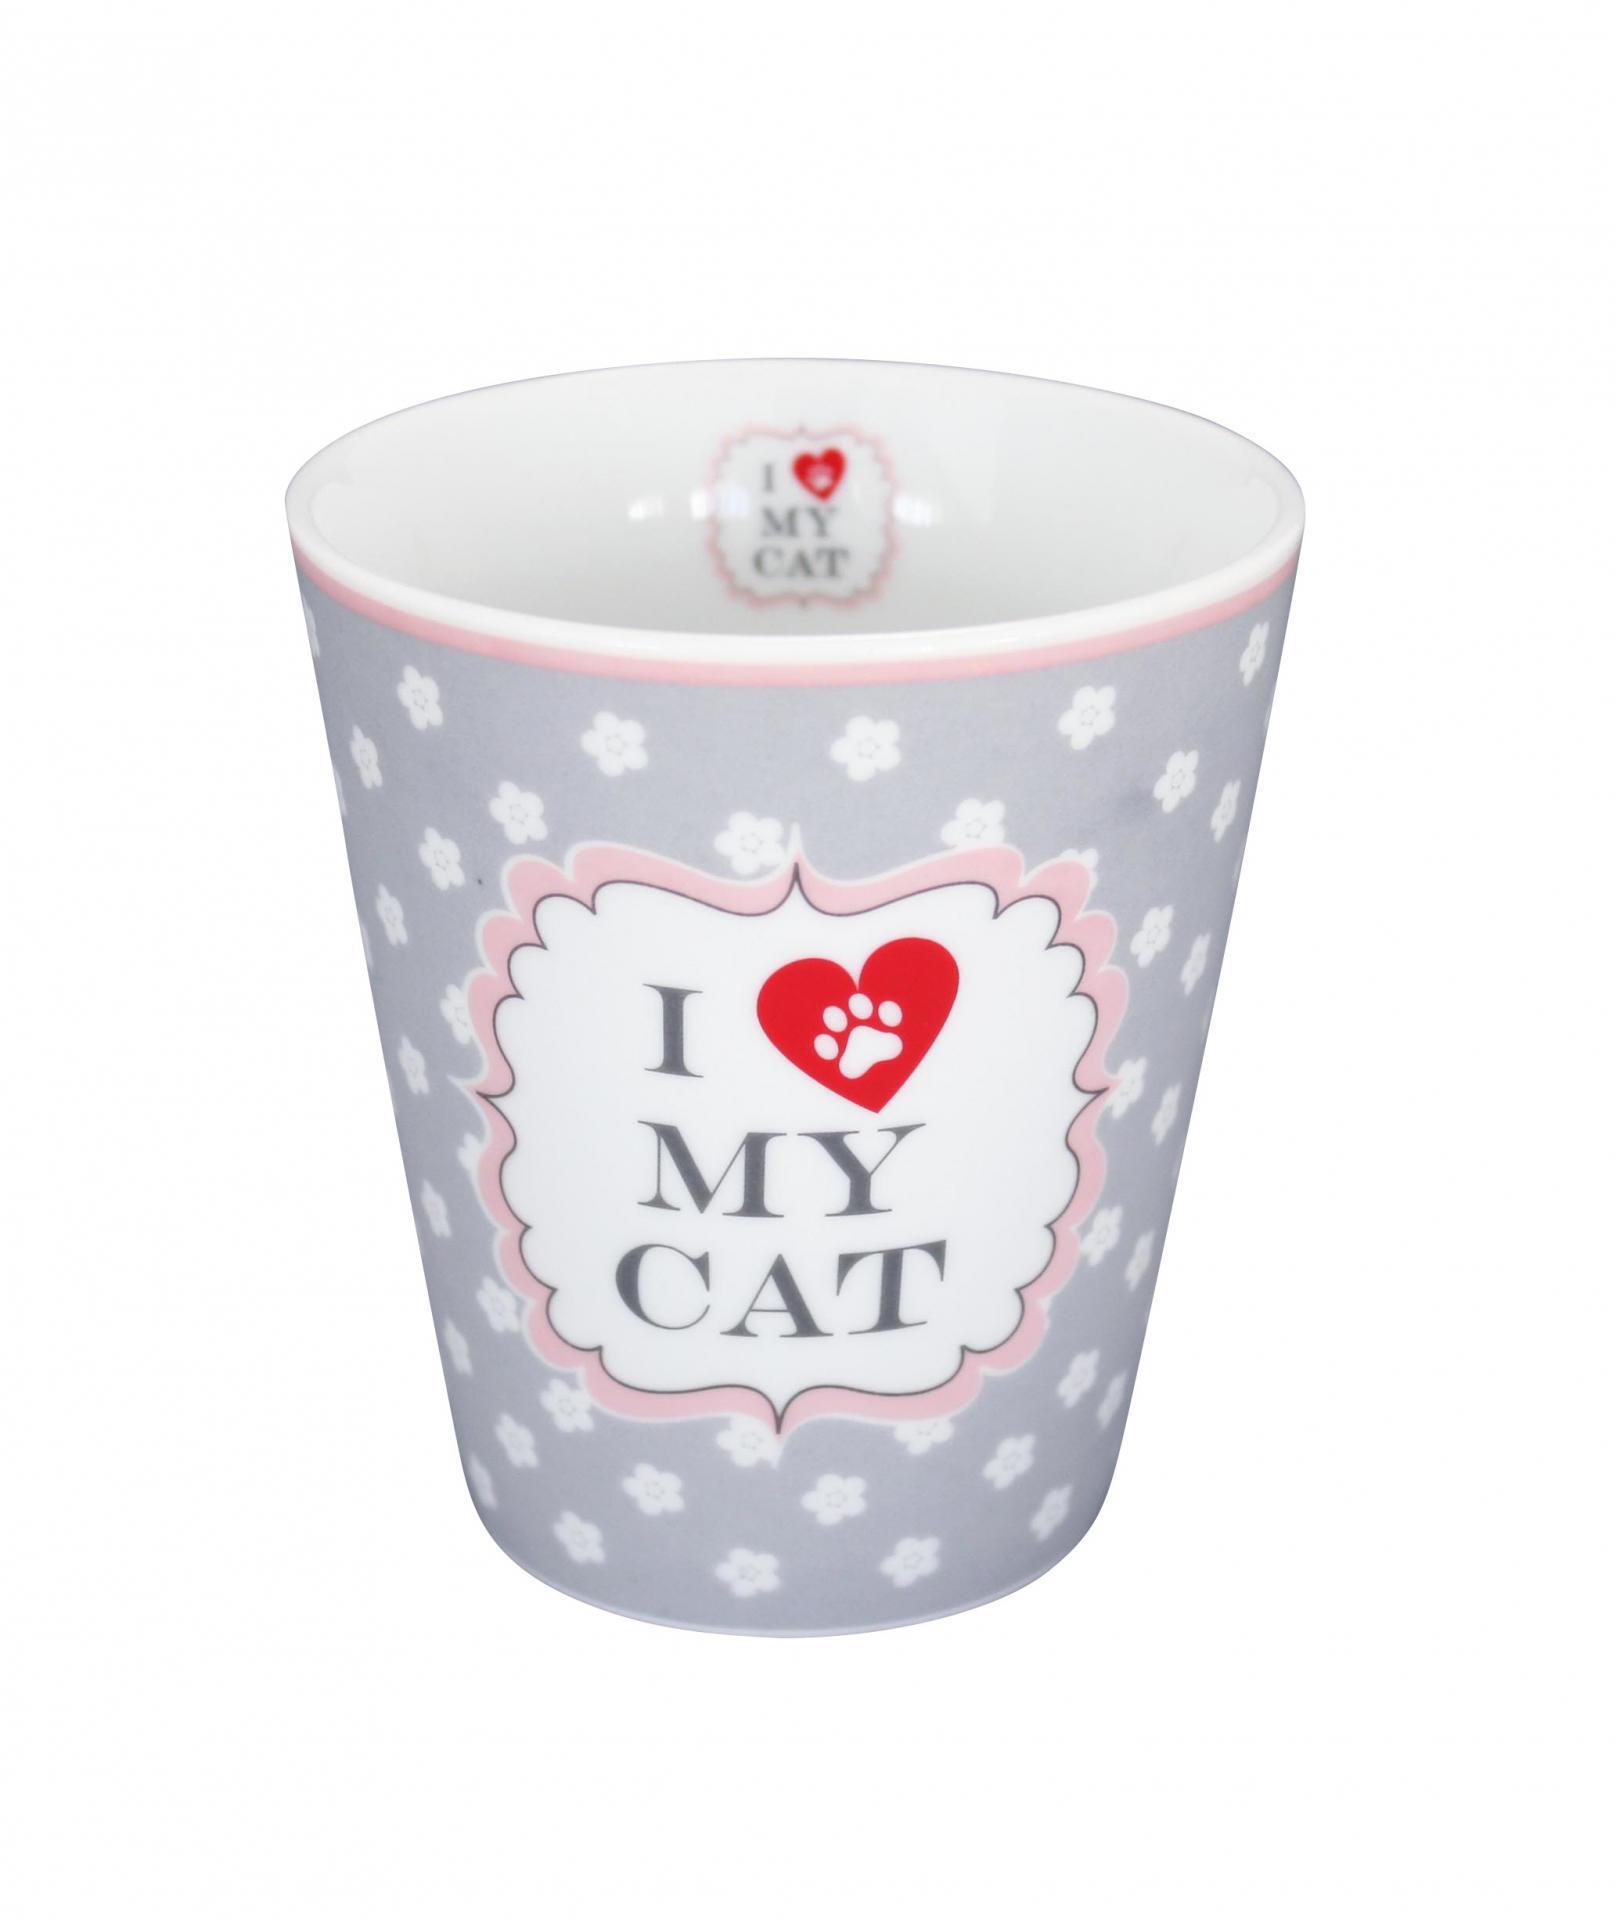 Krasilnikoff Latte hrneček My cat, šedá barva, porcelán